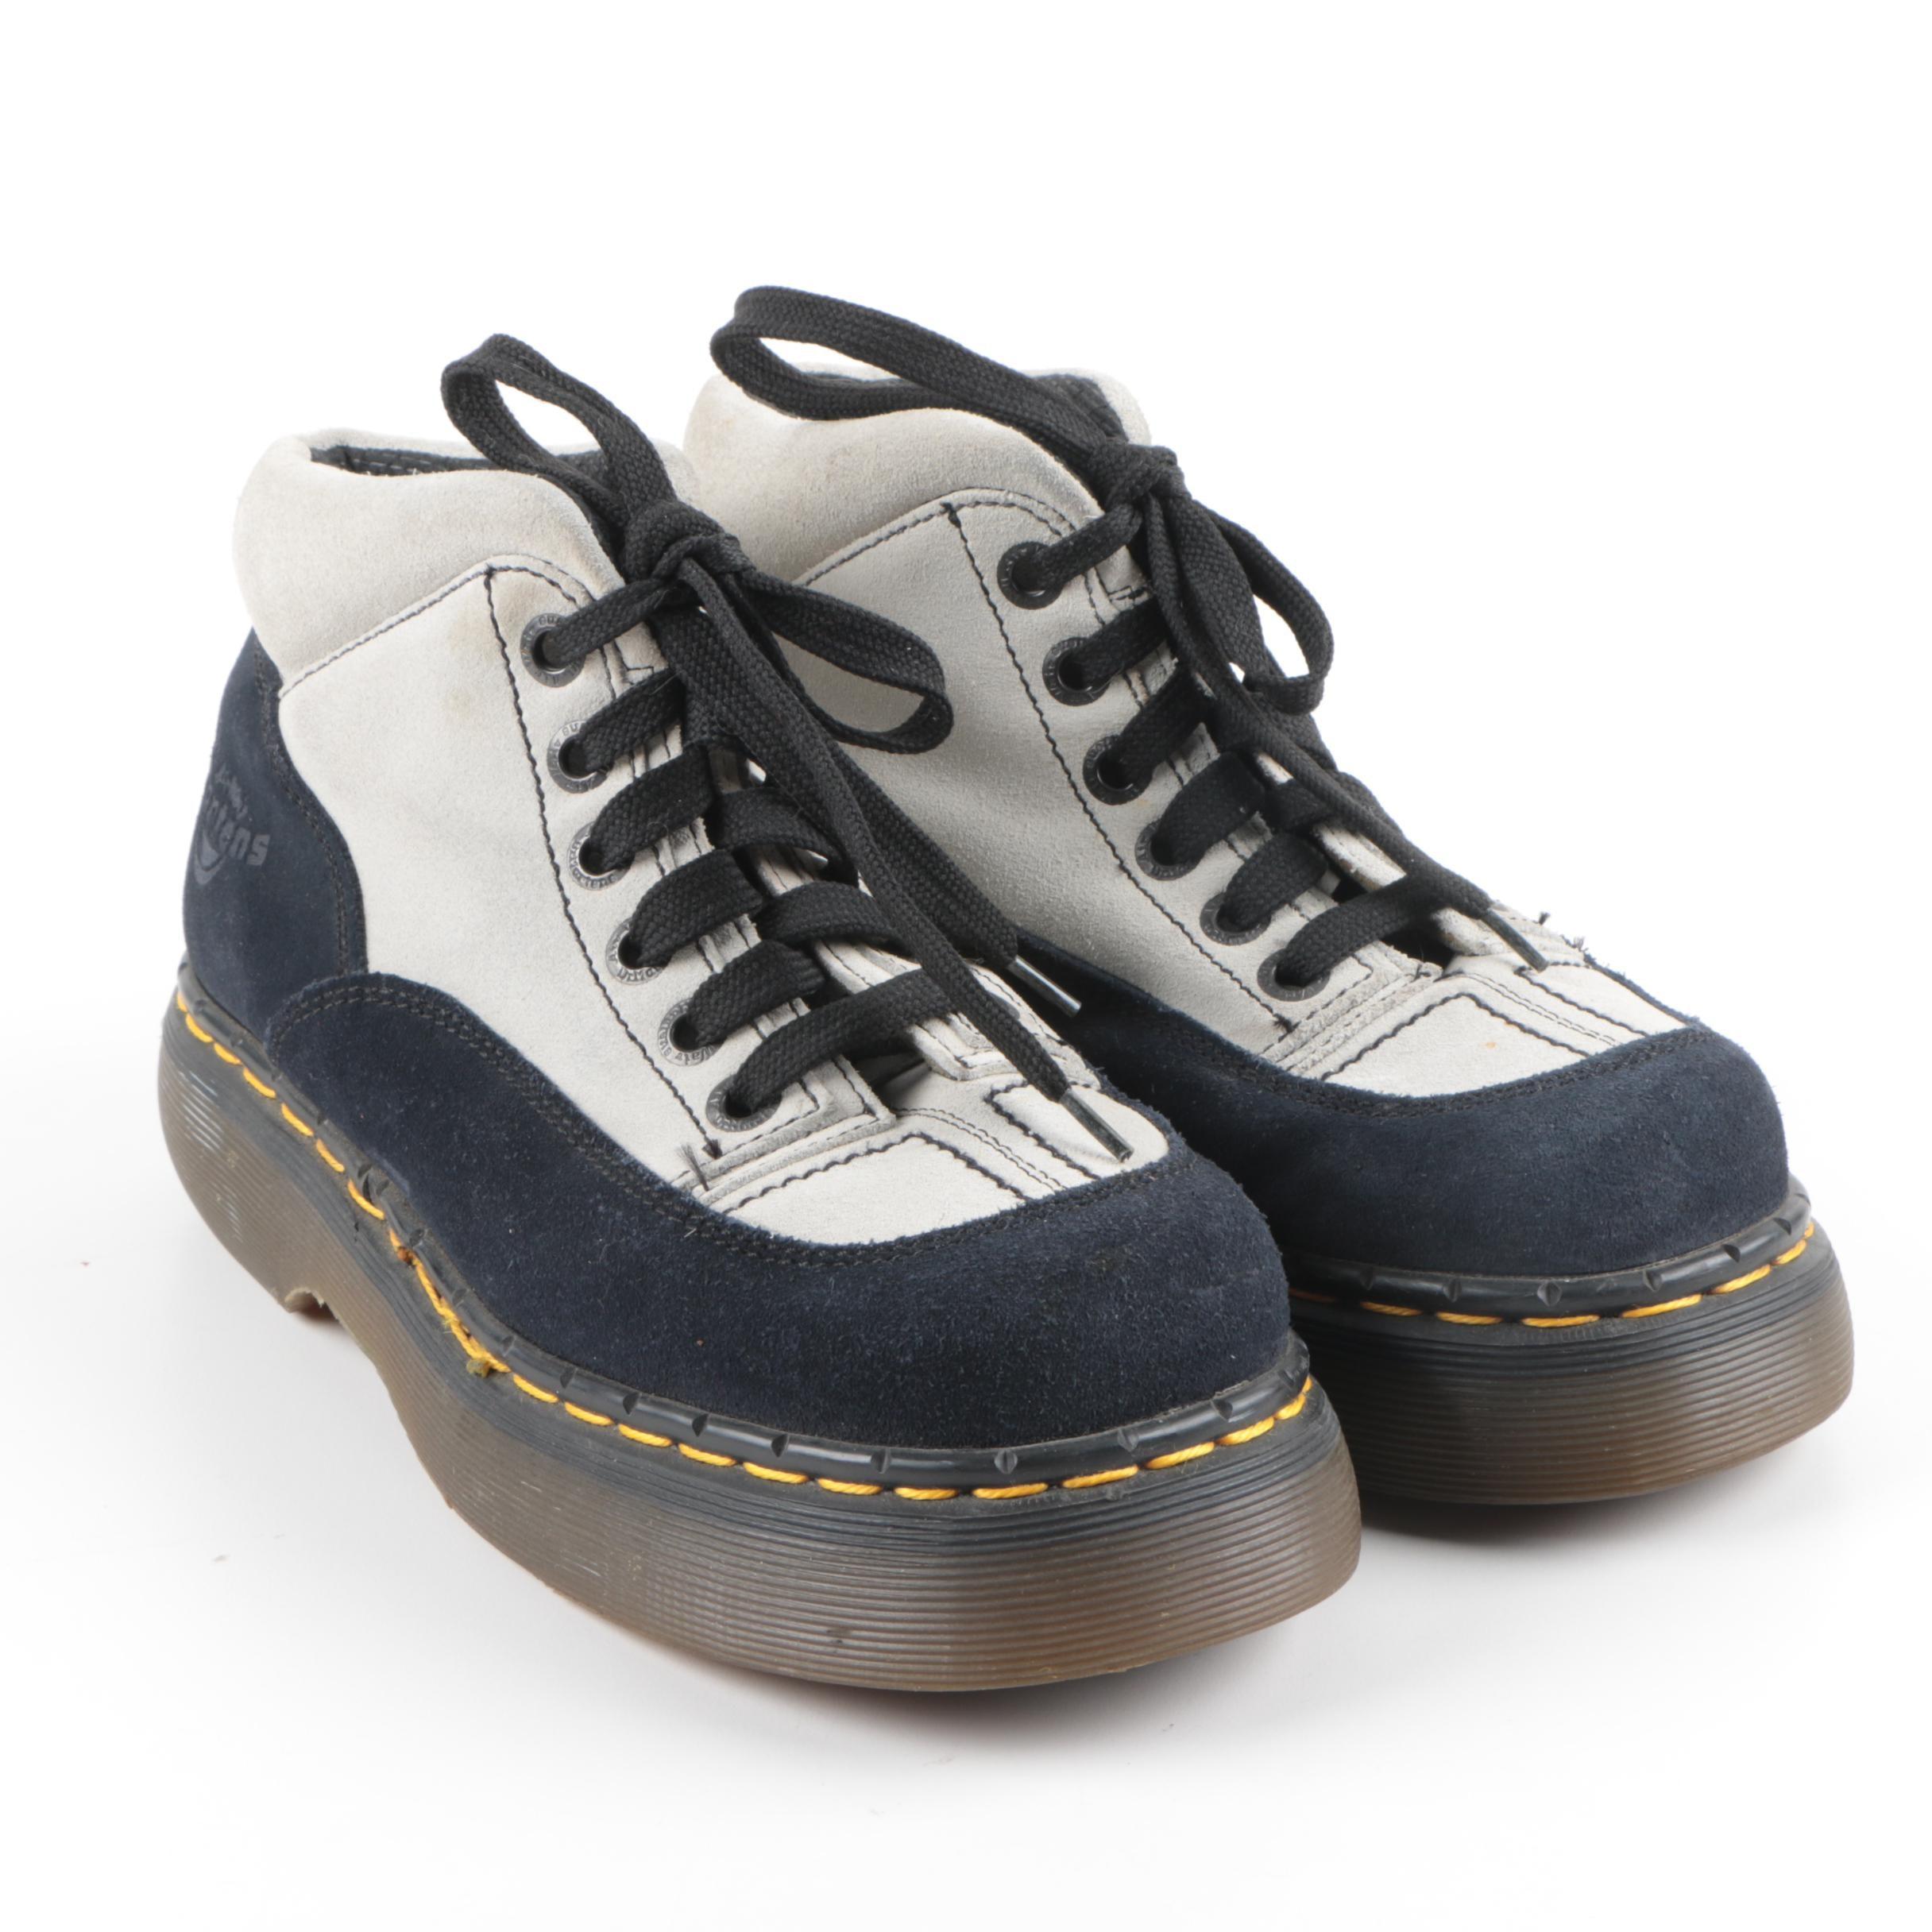 Women's Dr. Martens Airwair Suede Platform Goth Boots